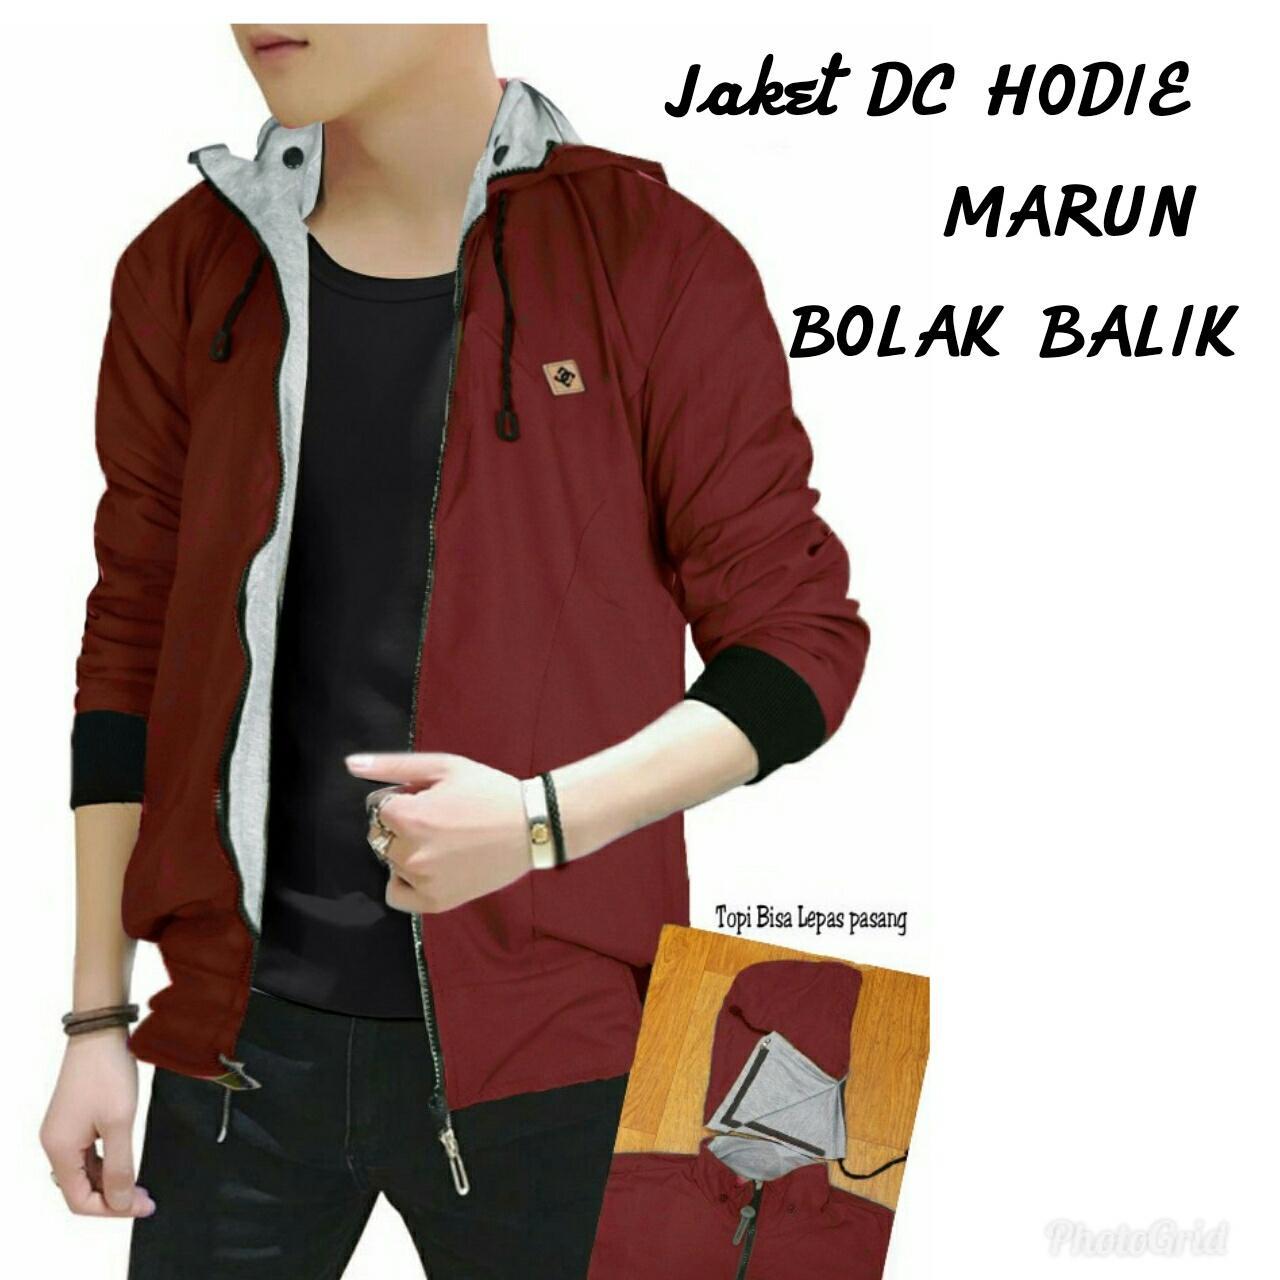 Jakarta Couple - Jaket Pria Bomber DC / Jaket 2in1 / Jaket Keren / Atasan Pria /Jaket Bolak Balik